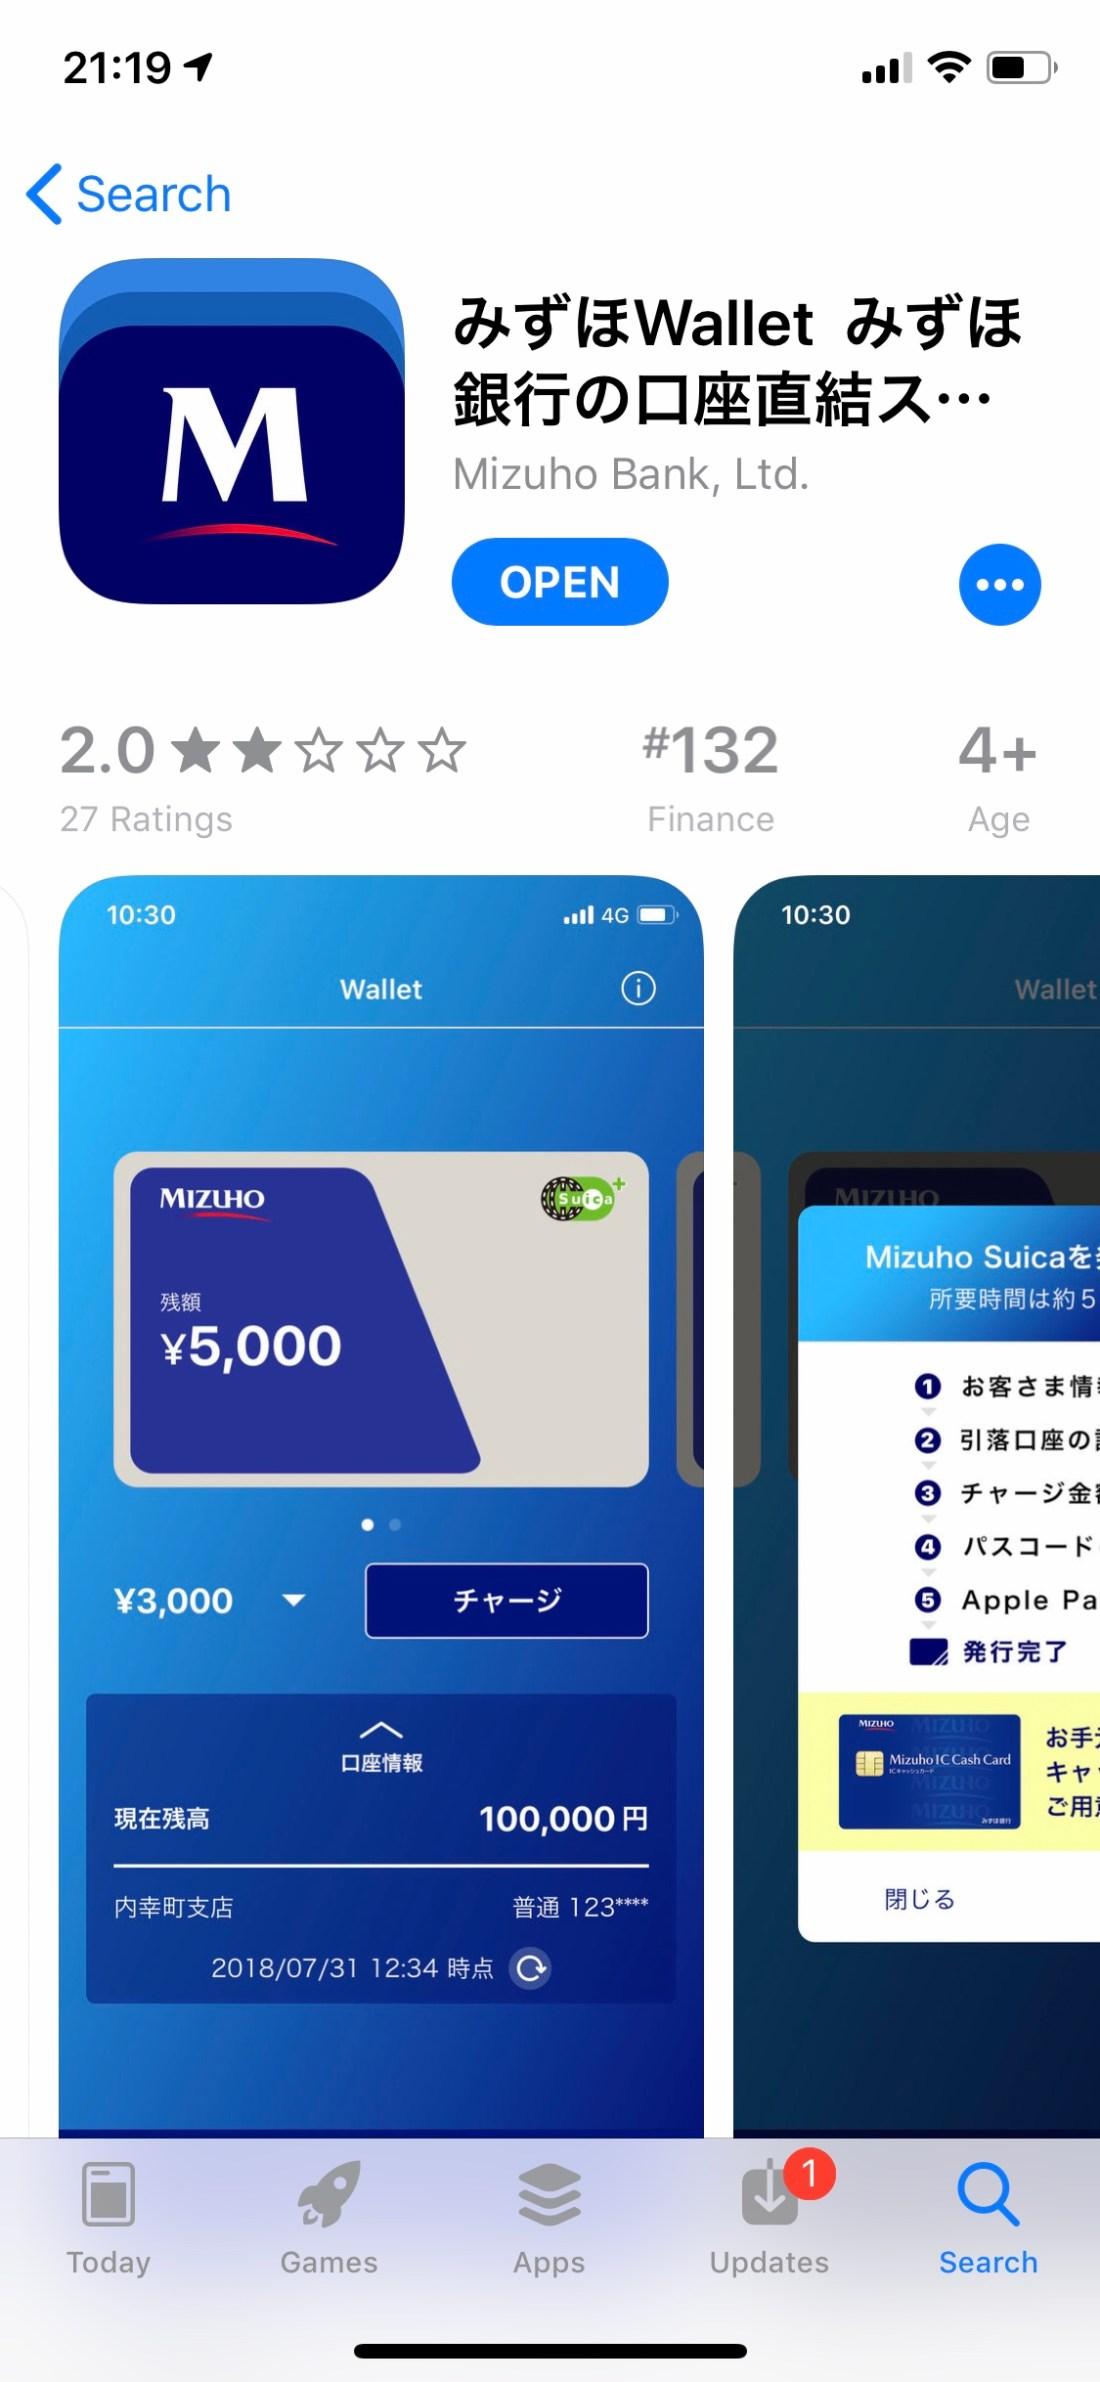 Mizuho Wallet iOS App